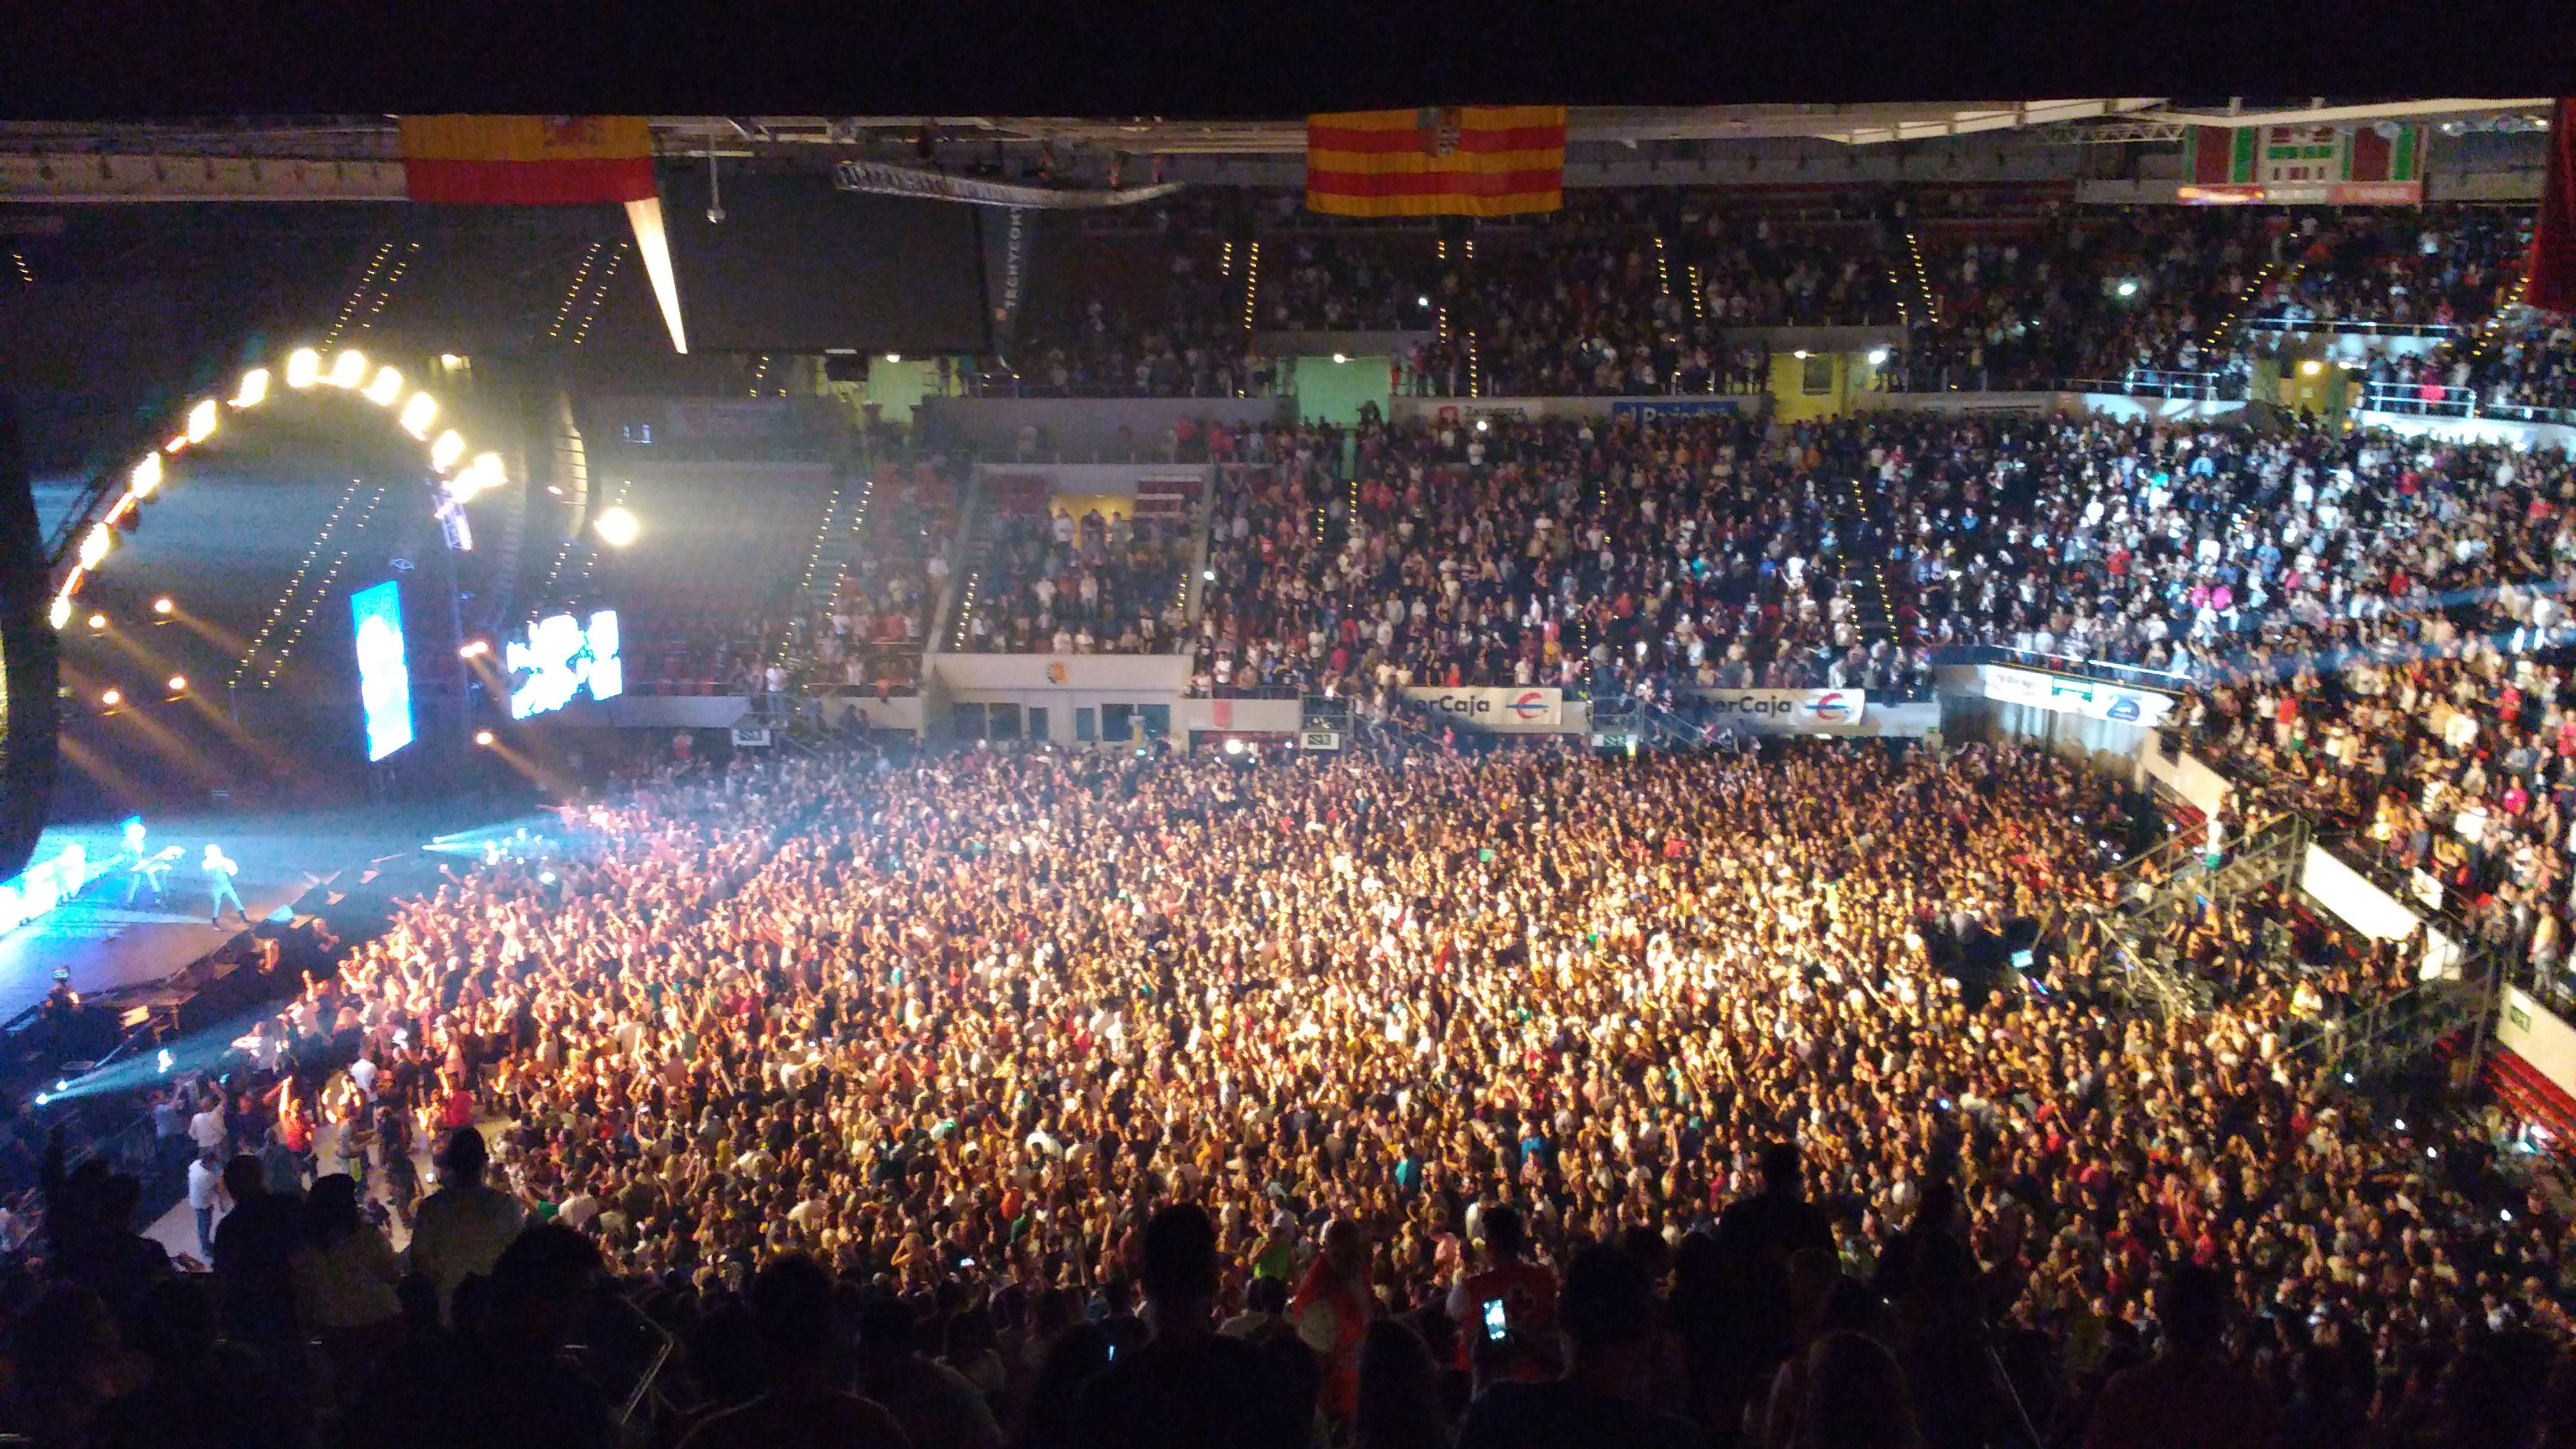 Foto de El Enano Rabioso - Grupos de música tocando en el pabellón Príncipe Felipe